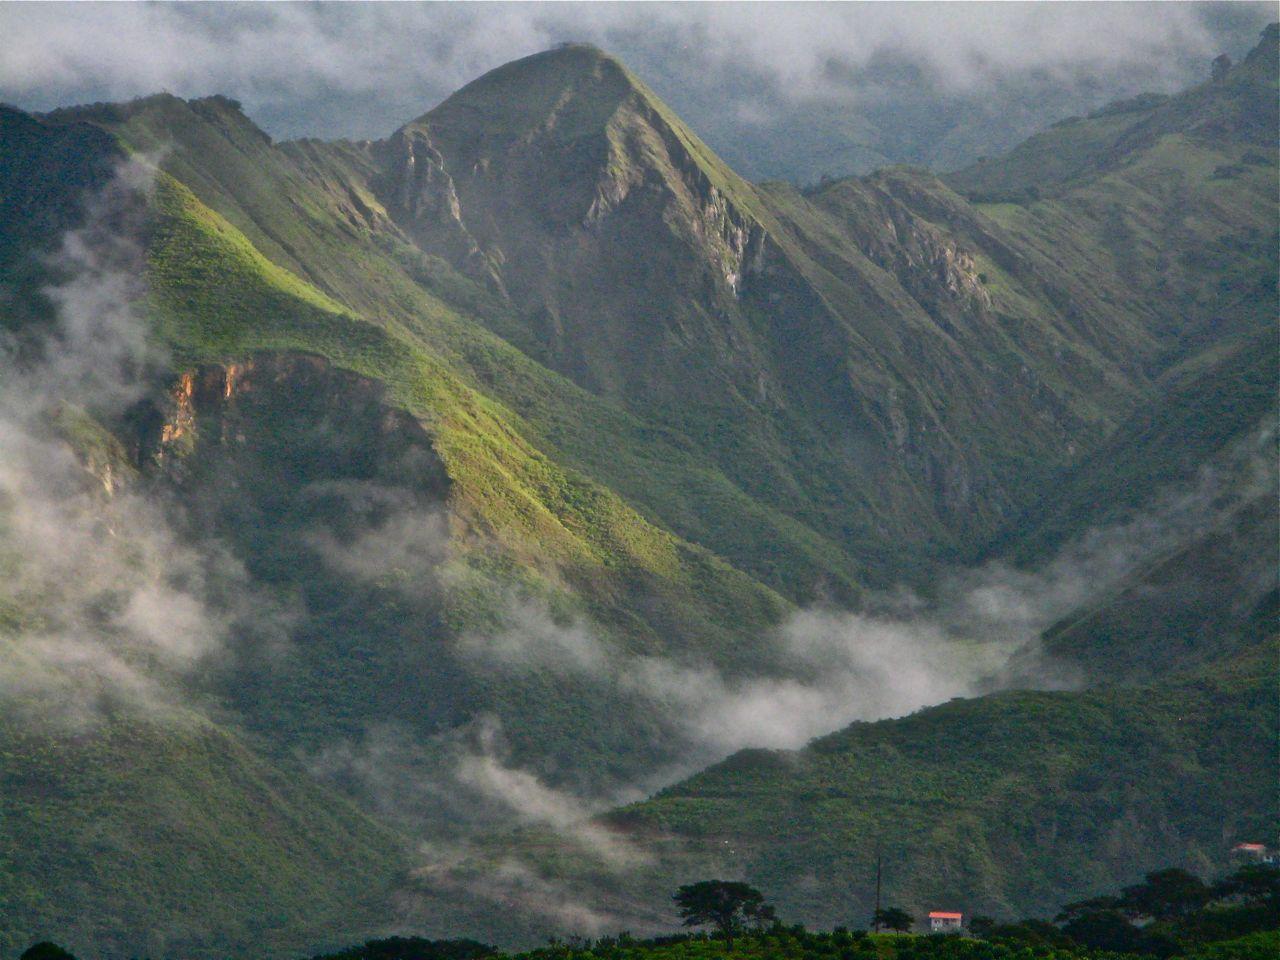 Izchayluma vilcabamba cloud forest